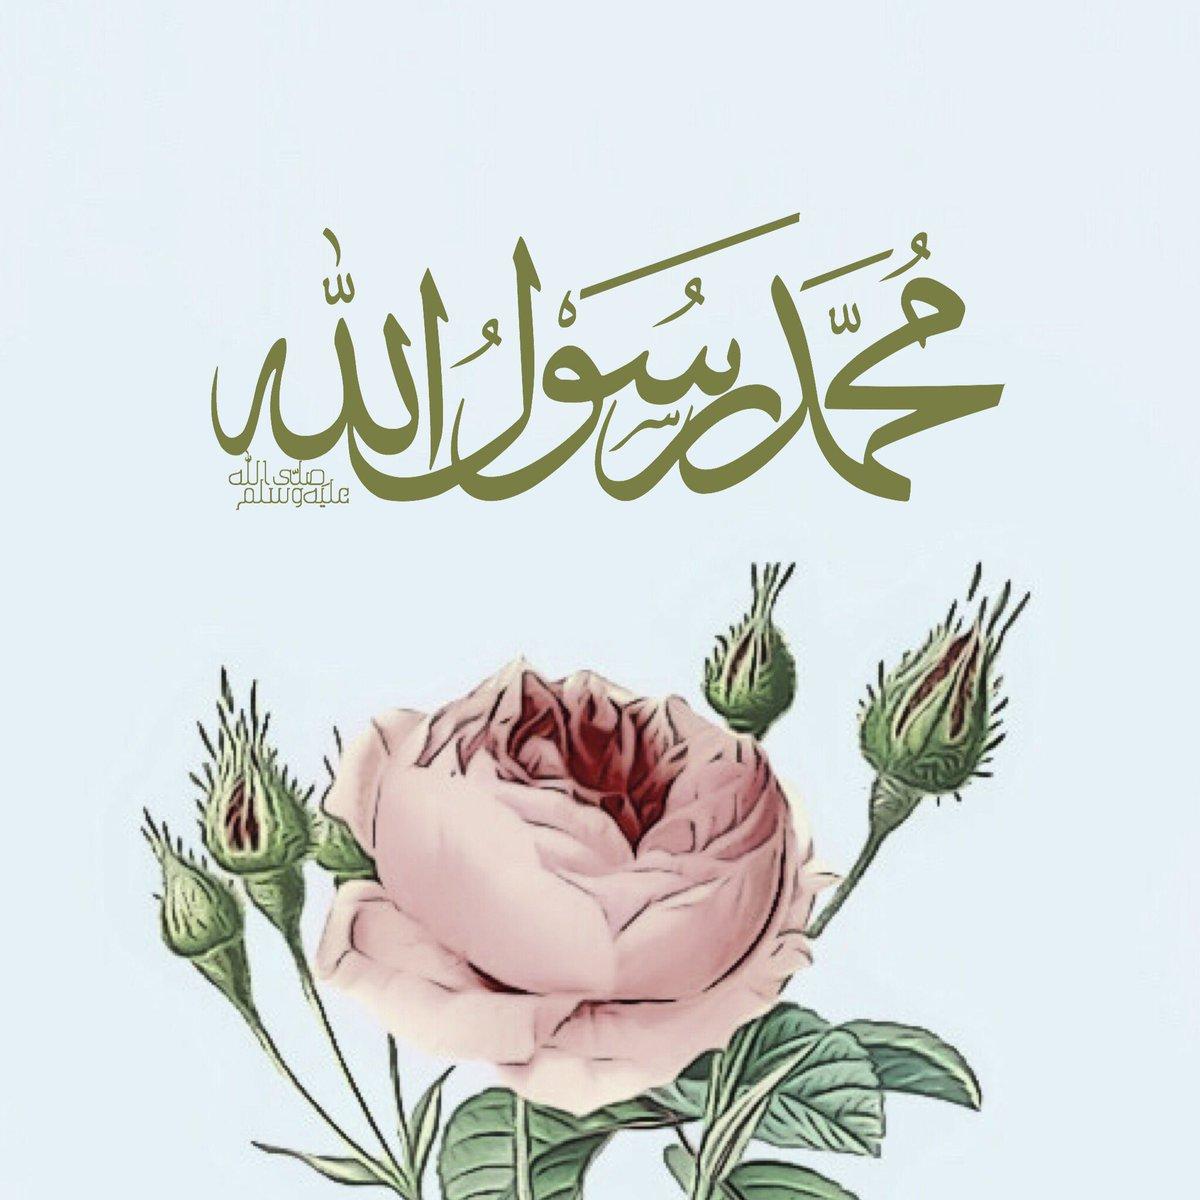 سجلوا حضوركم بالصلاة على محمد وآل محمد - صفحة 17 D6NABQ-WsAU1V5x